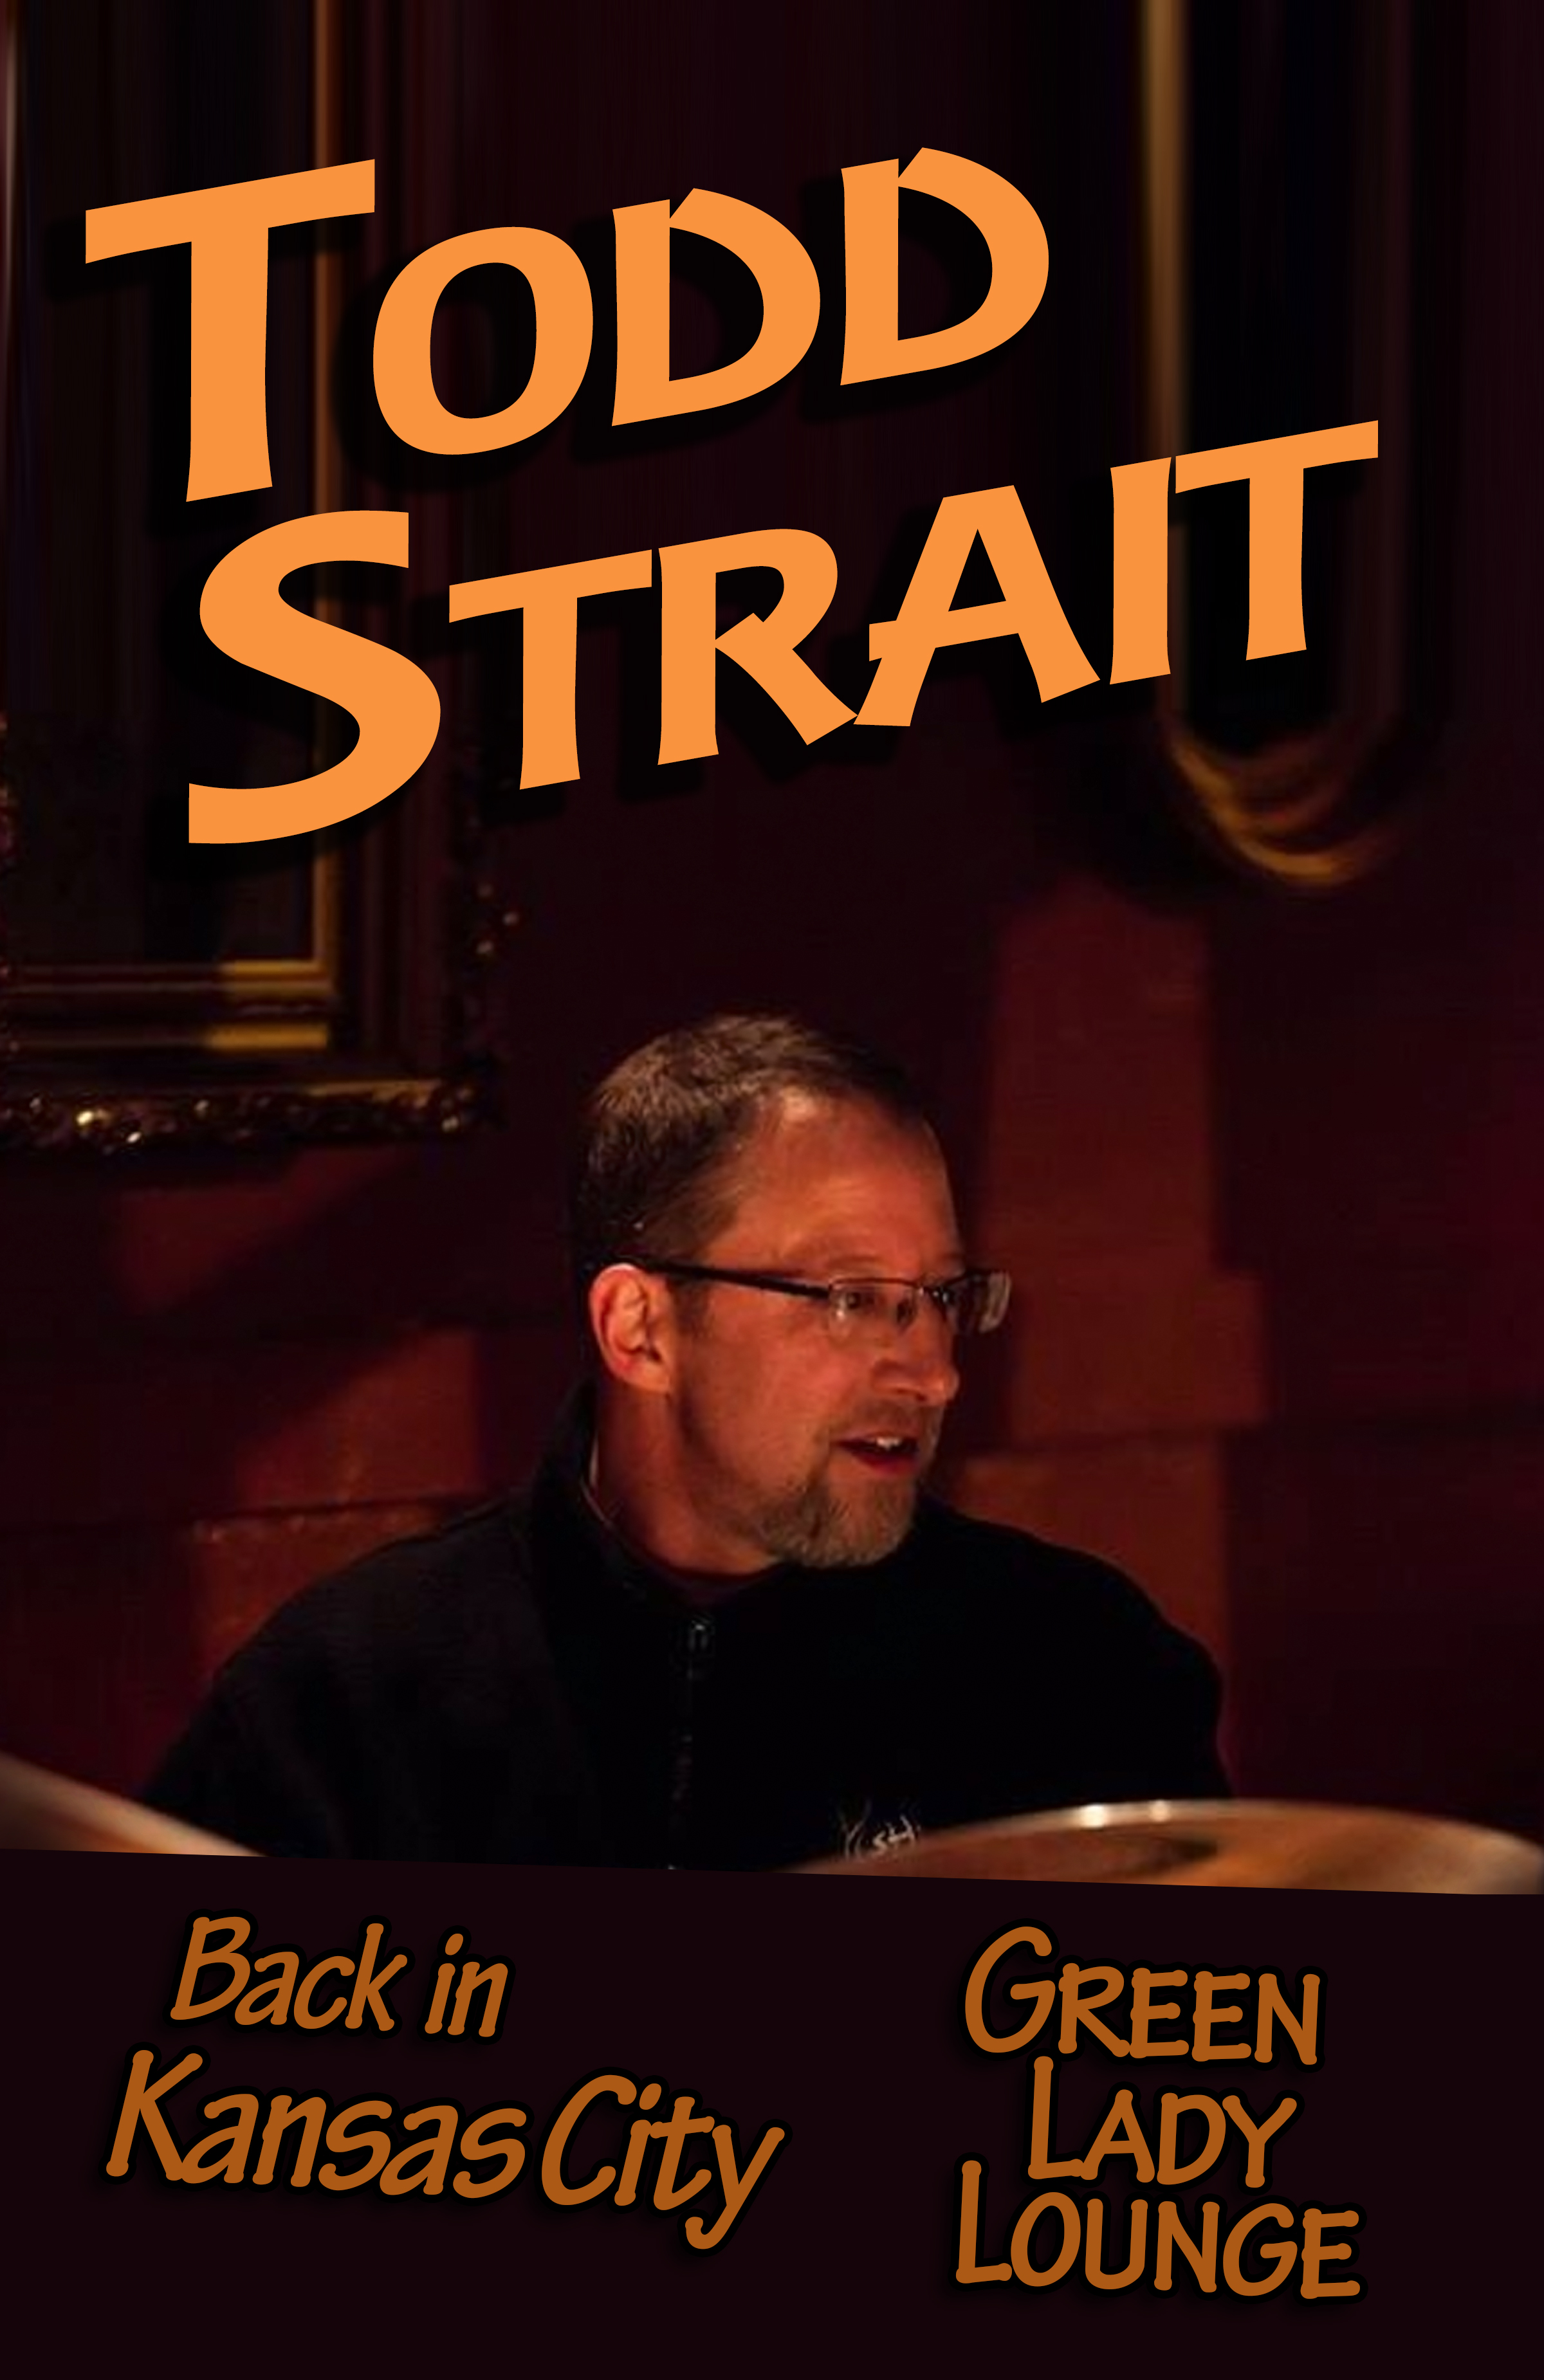 Todd Strait